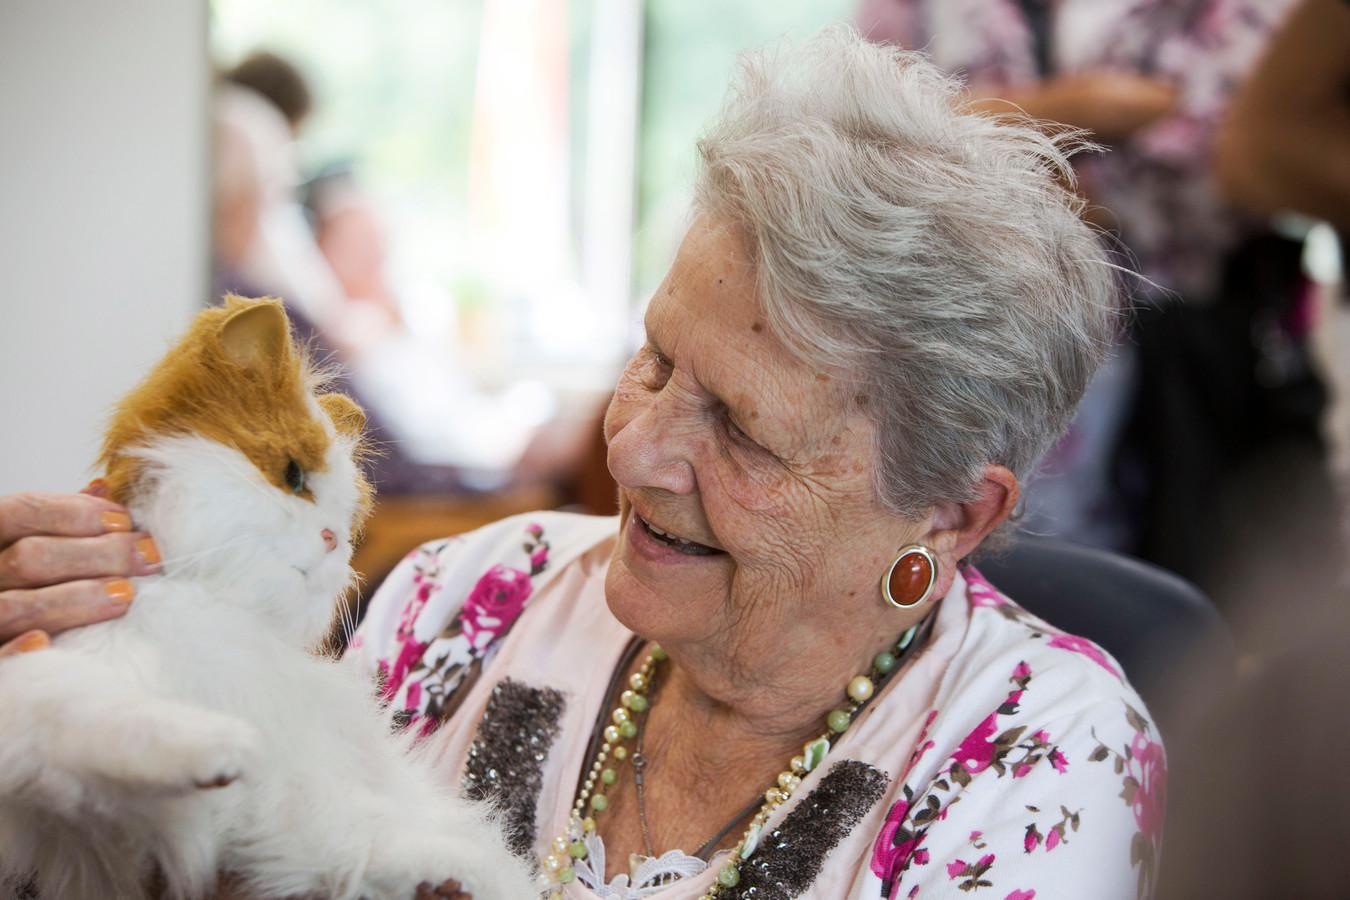 Een bewoonster van een verpleeghuis knuffelt met een robotkat. Archieffoto.